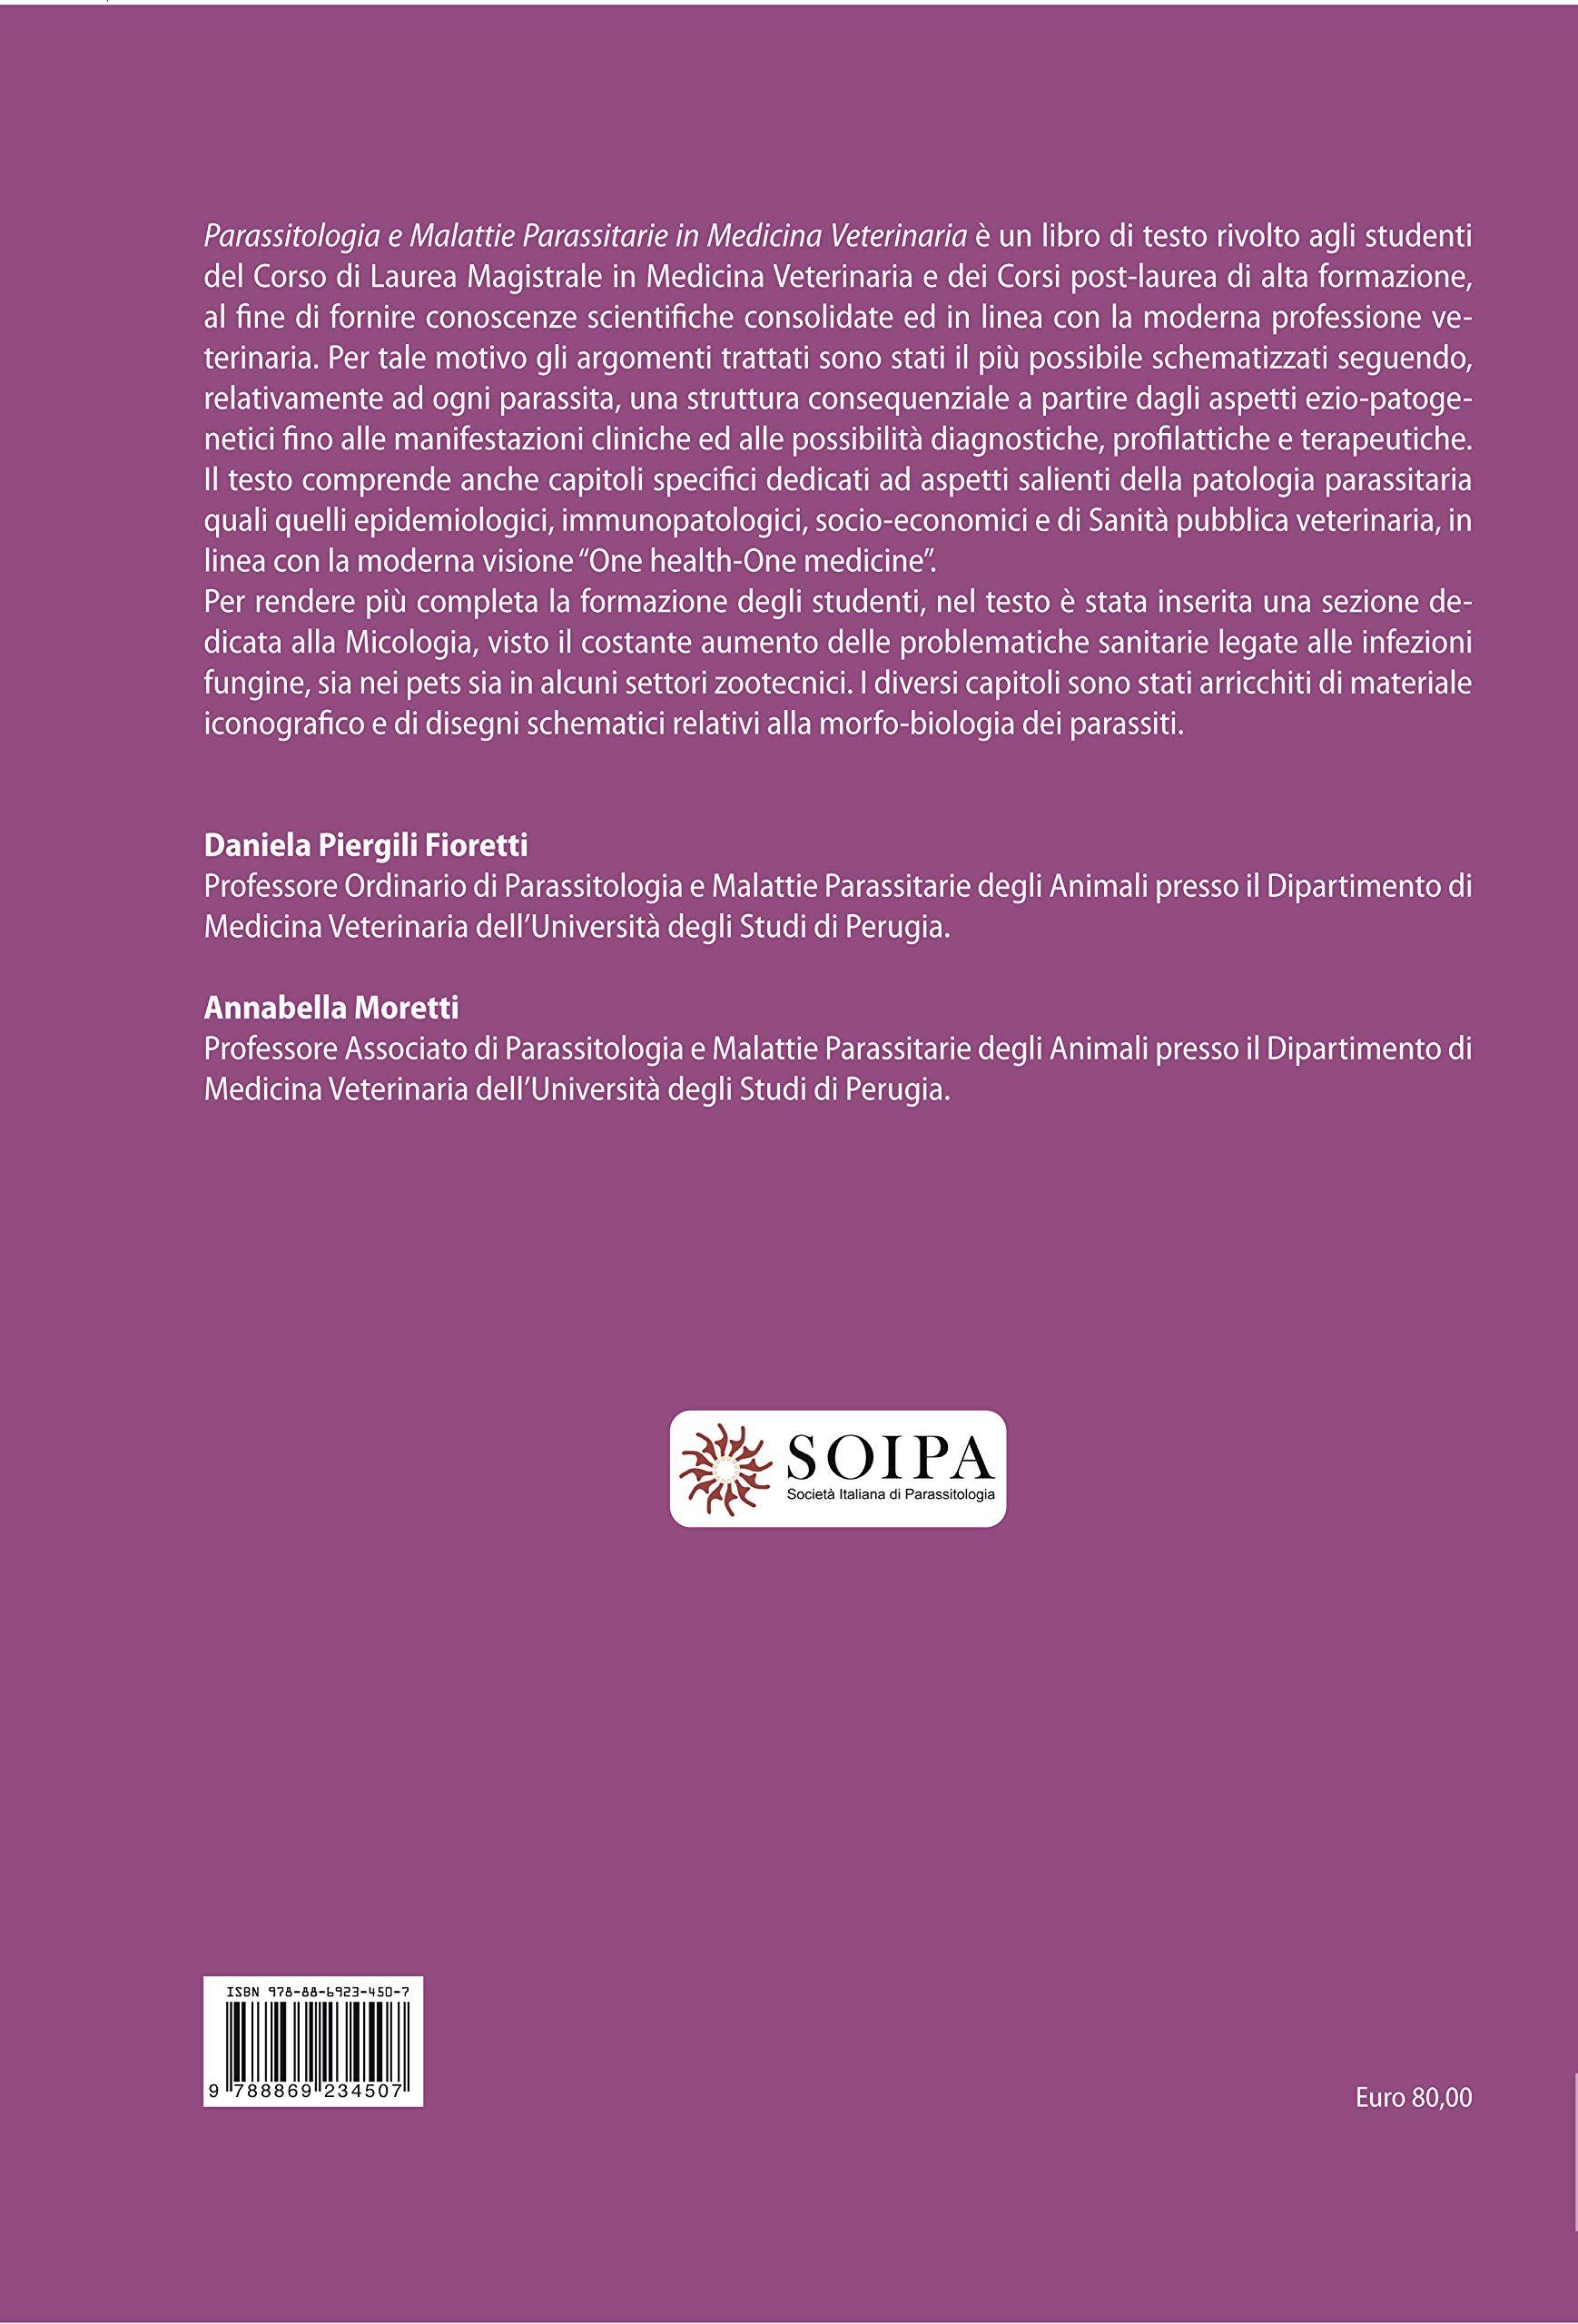 libro parassitologia veterinaria